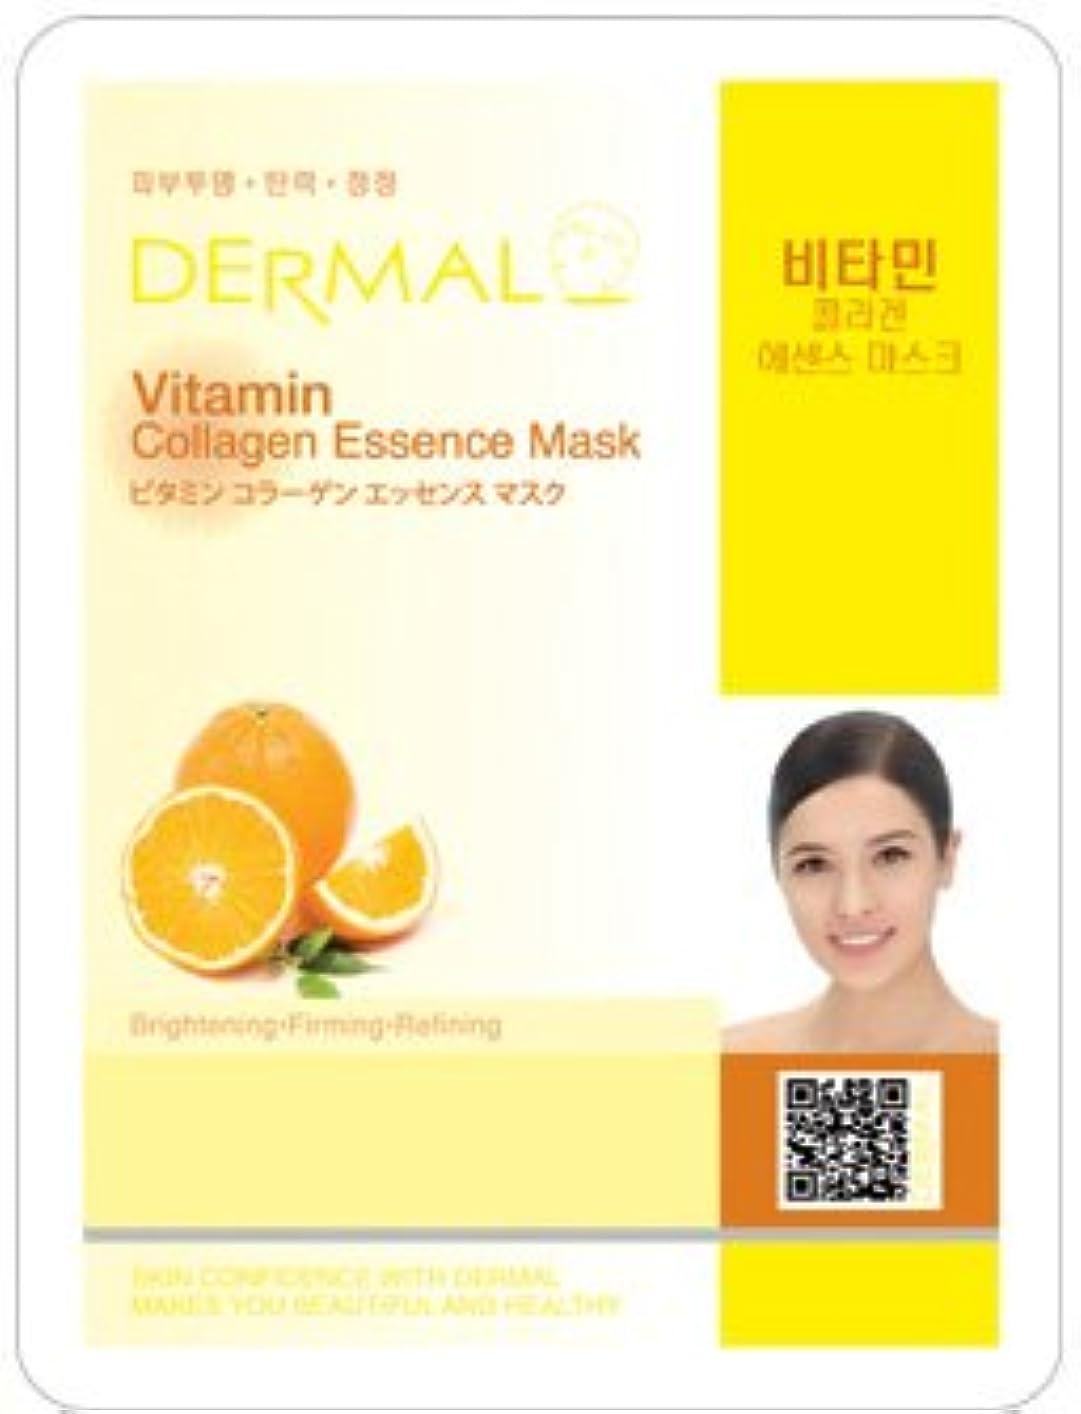 フライト解決不注意シートマスク ビタミン 100枚セット ダーマル(Dermal) フェイス パック